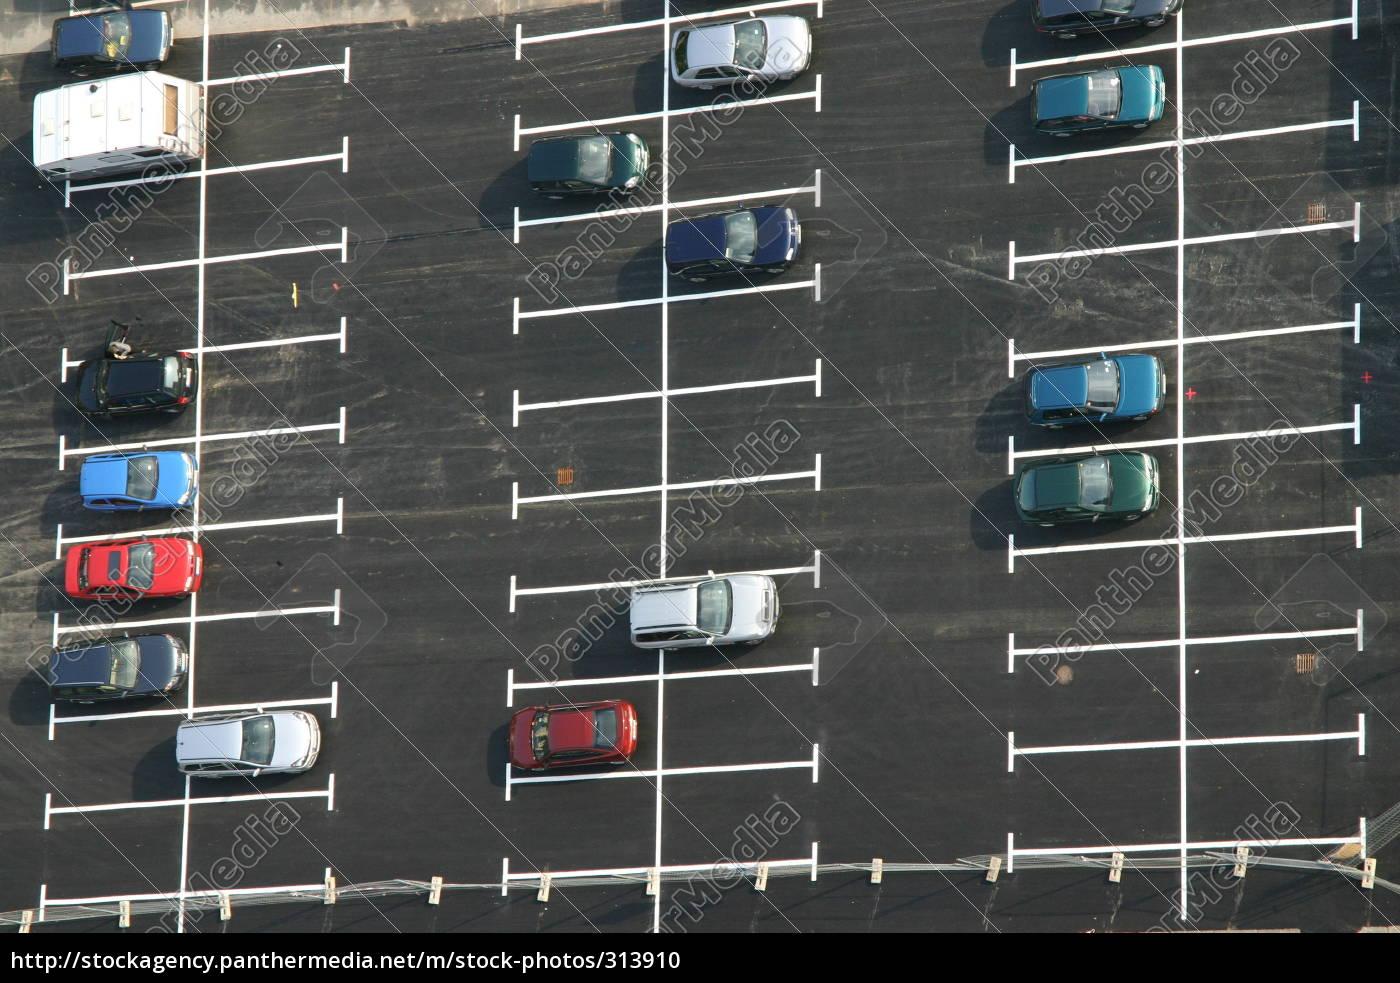 parking, spot - 313910